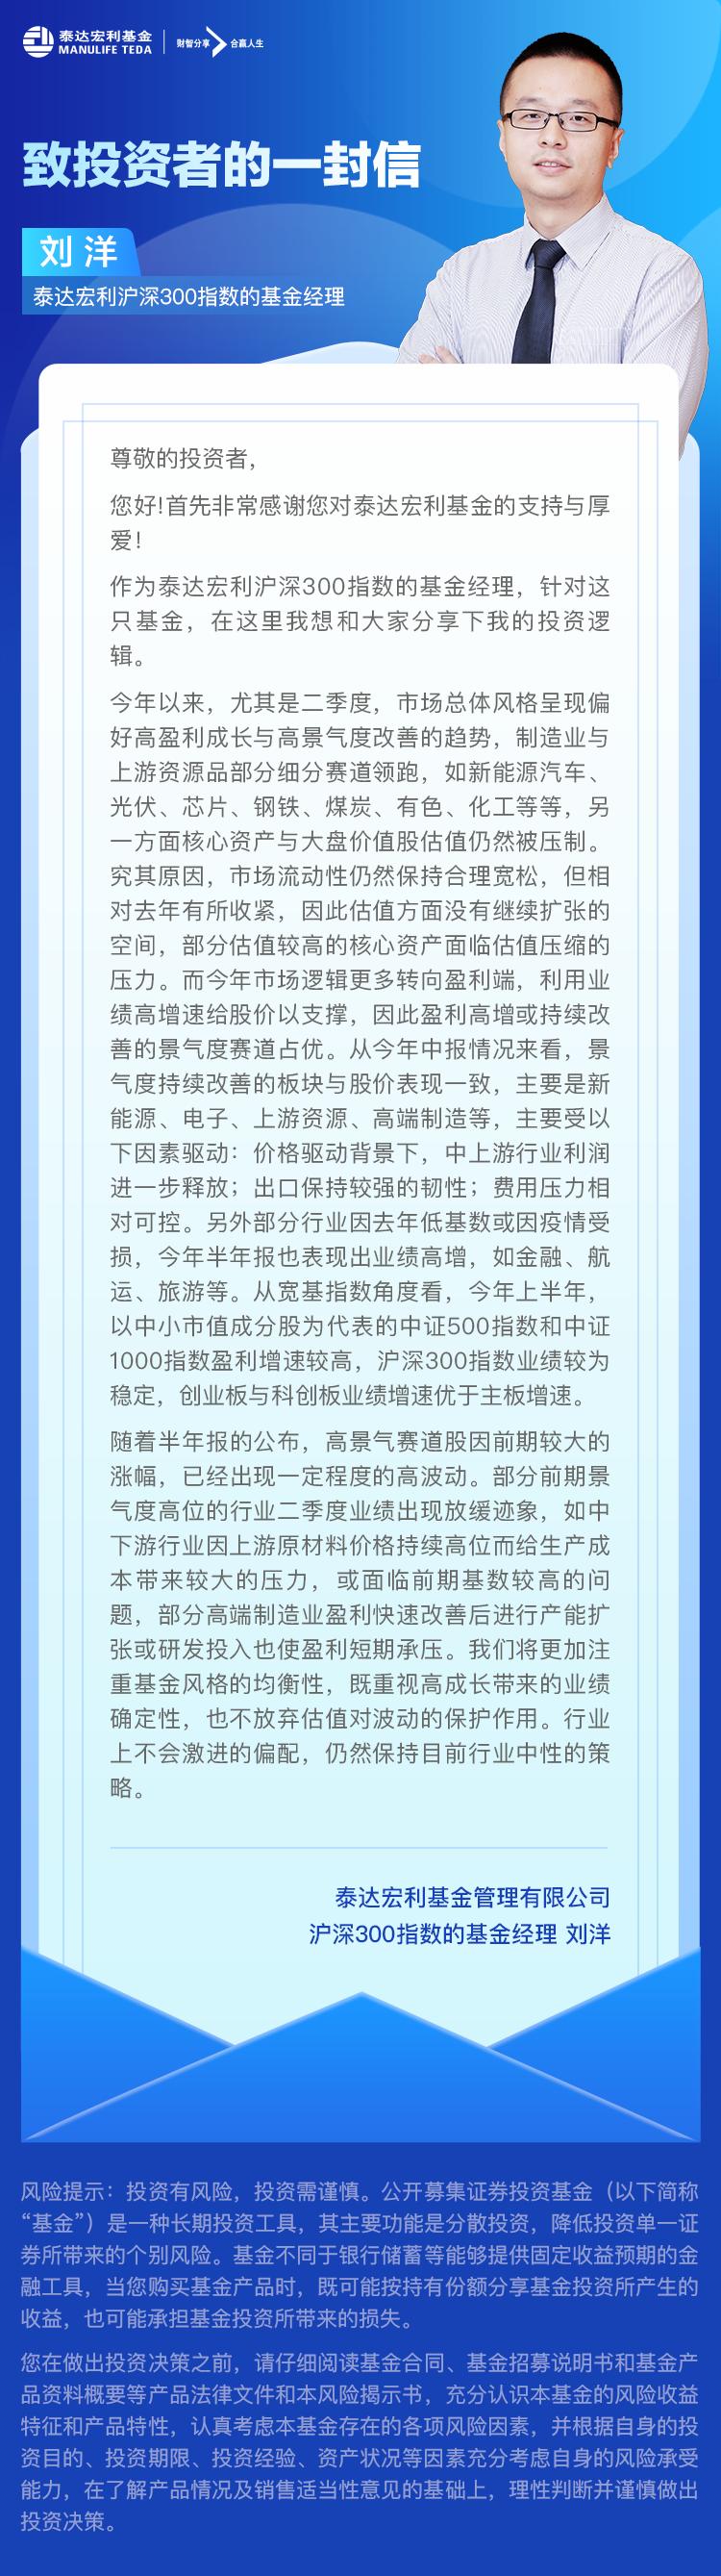 基金经理刘洋拍了拍你